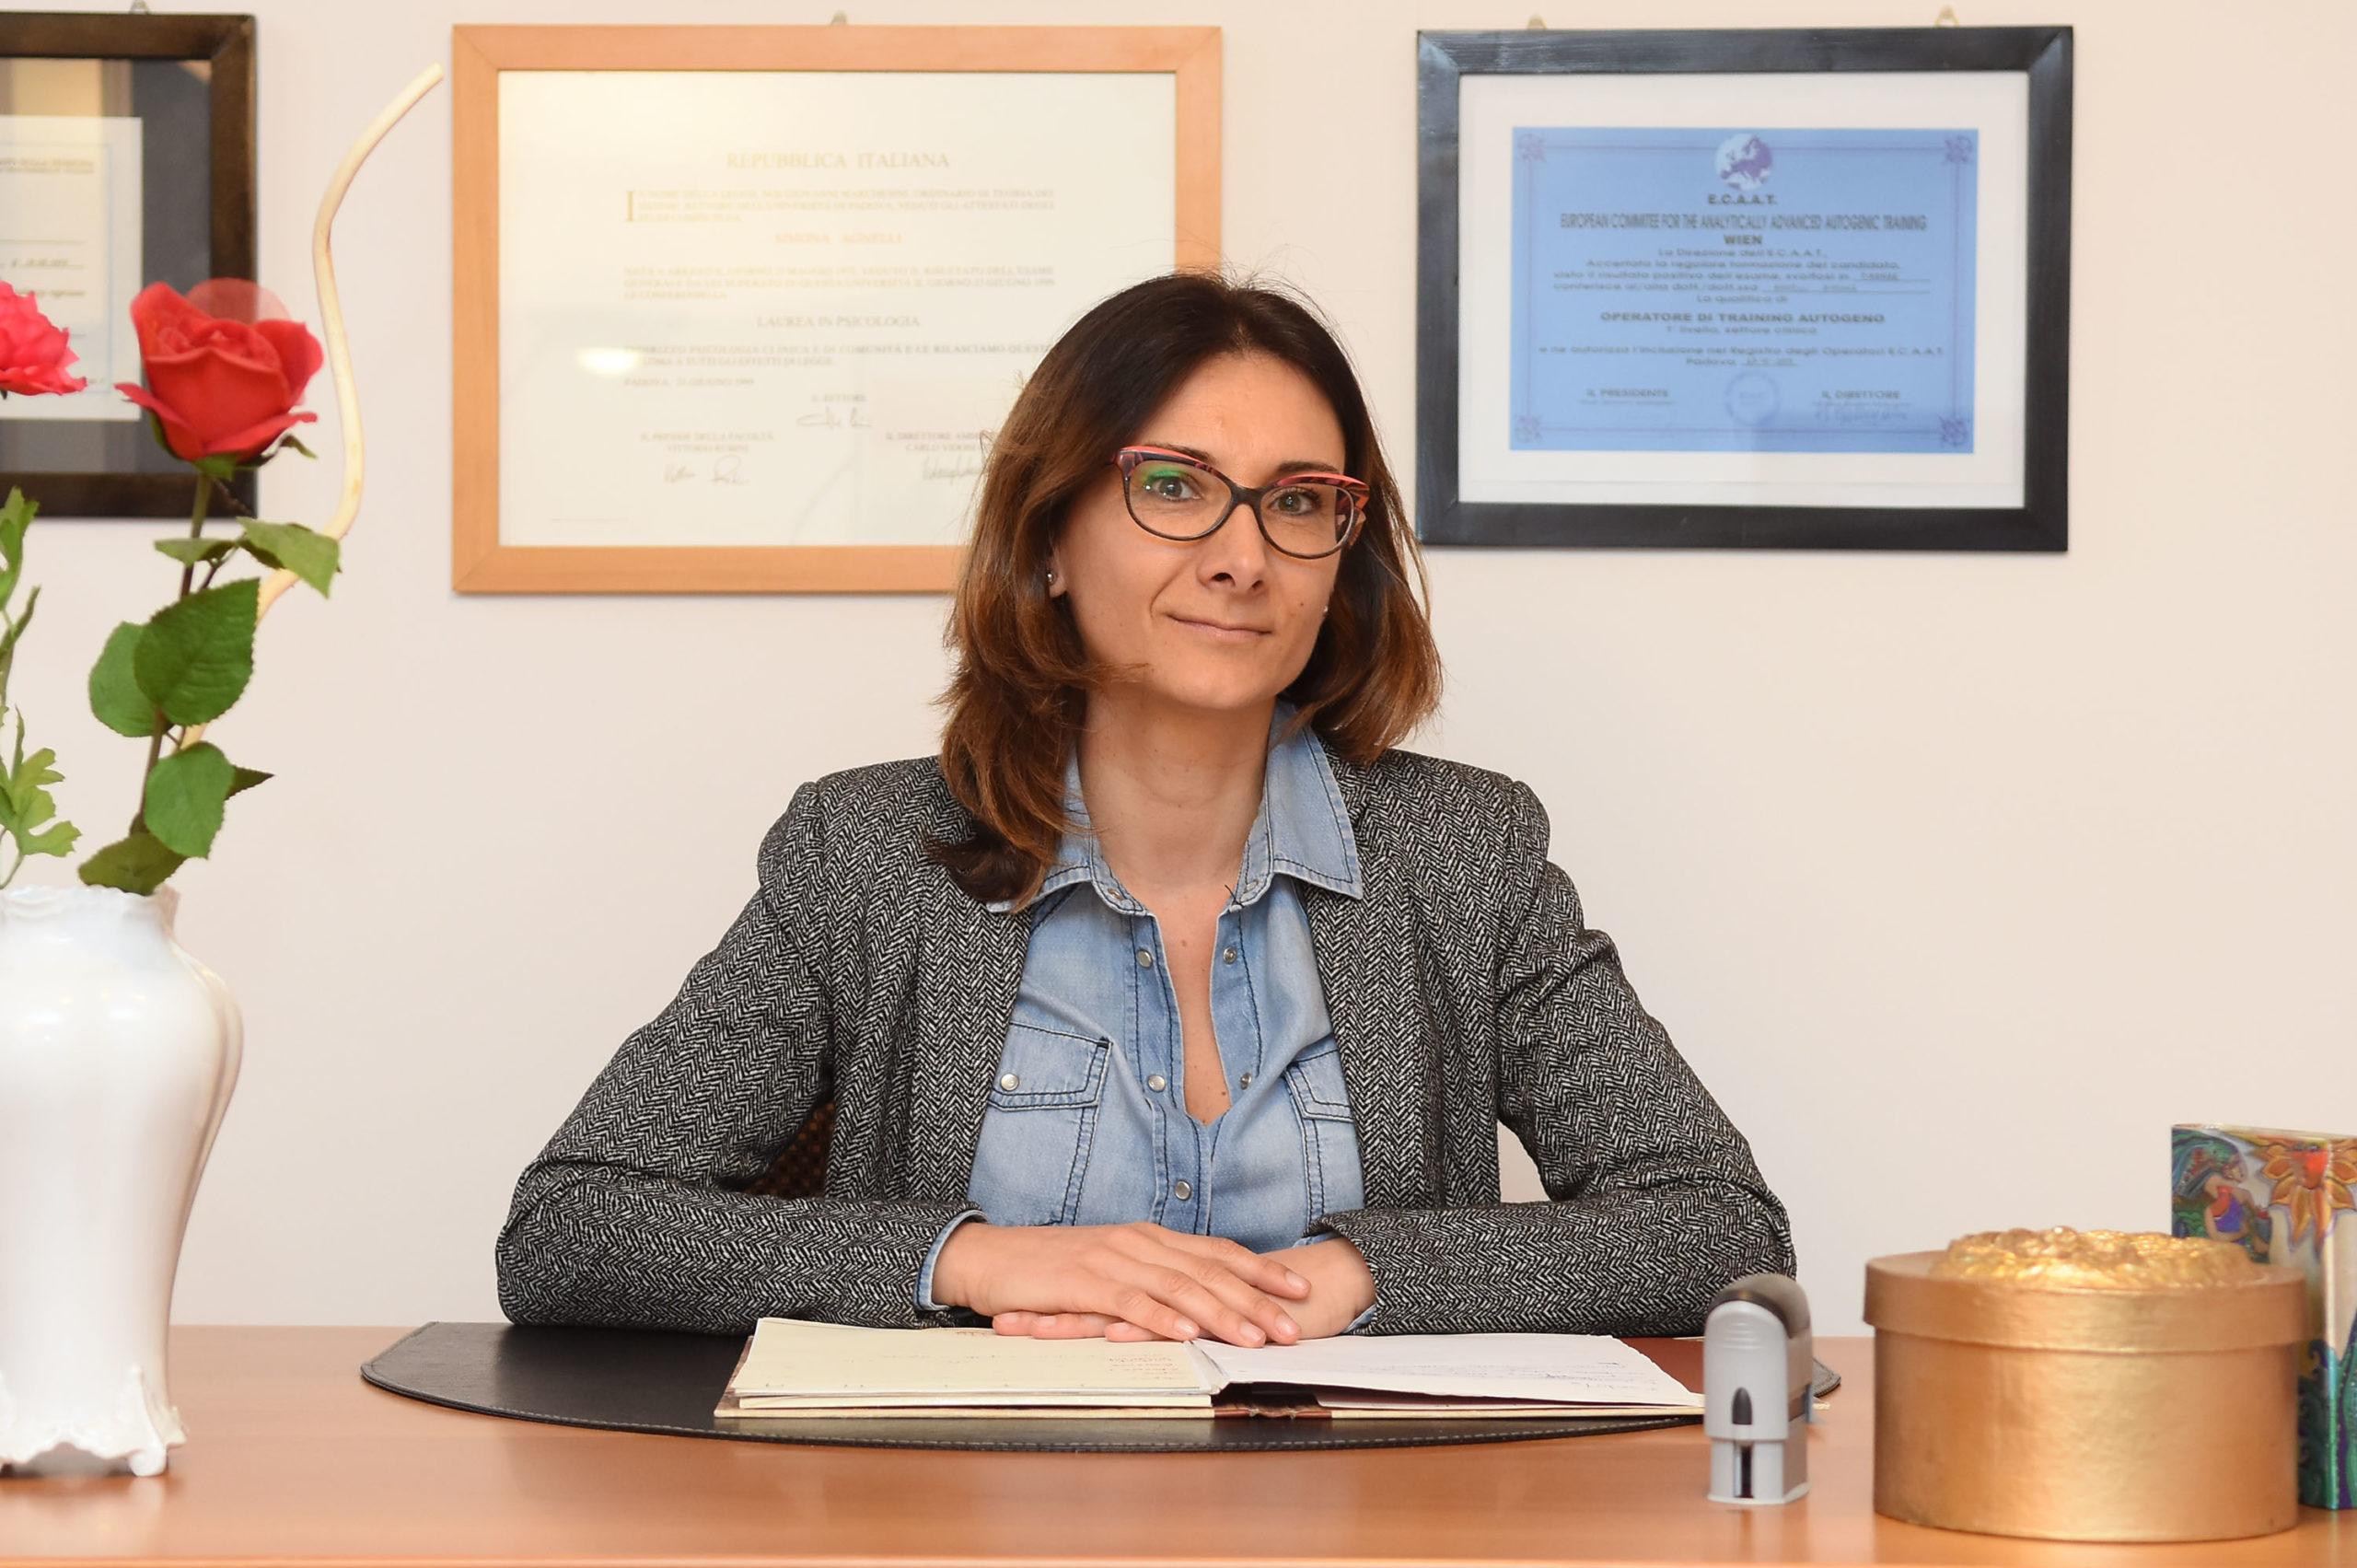 Simona Agnelli